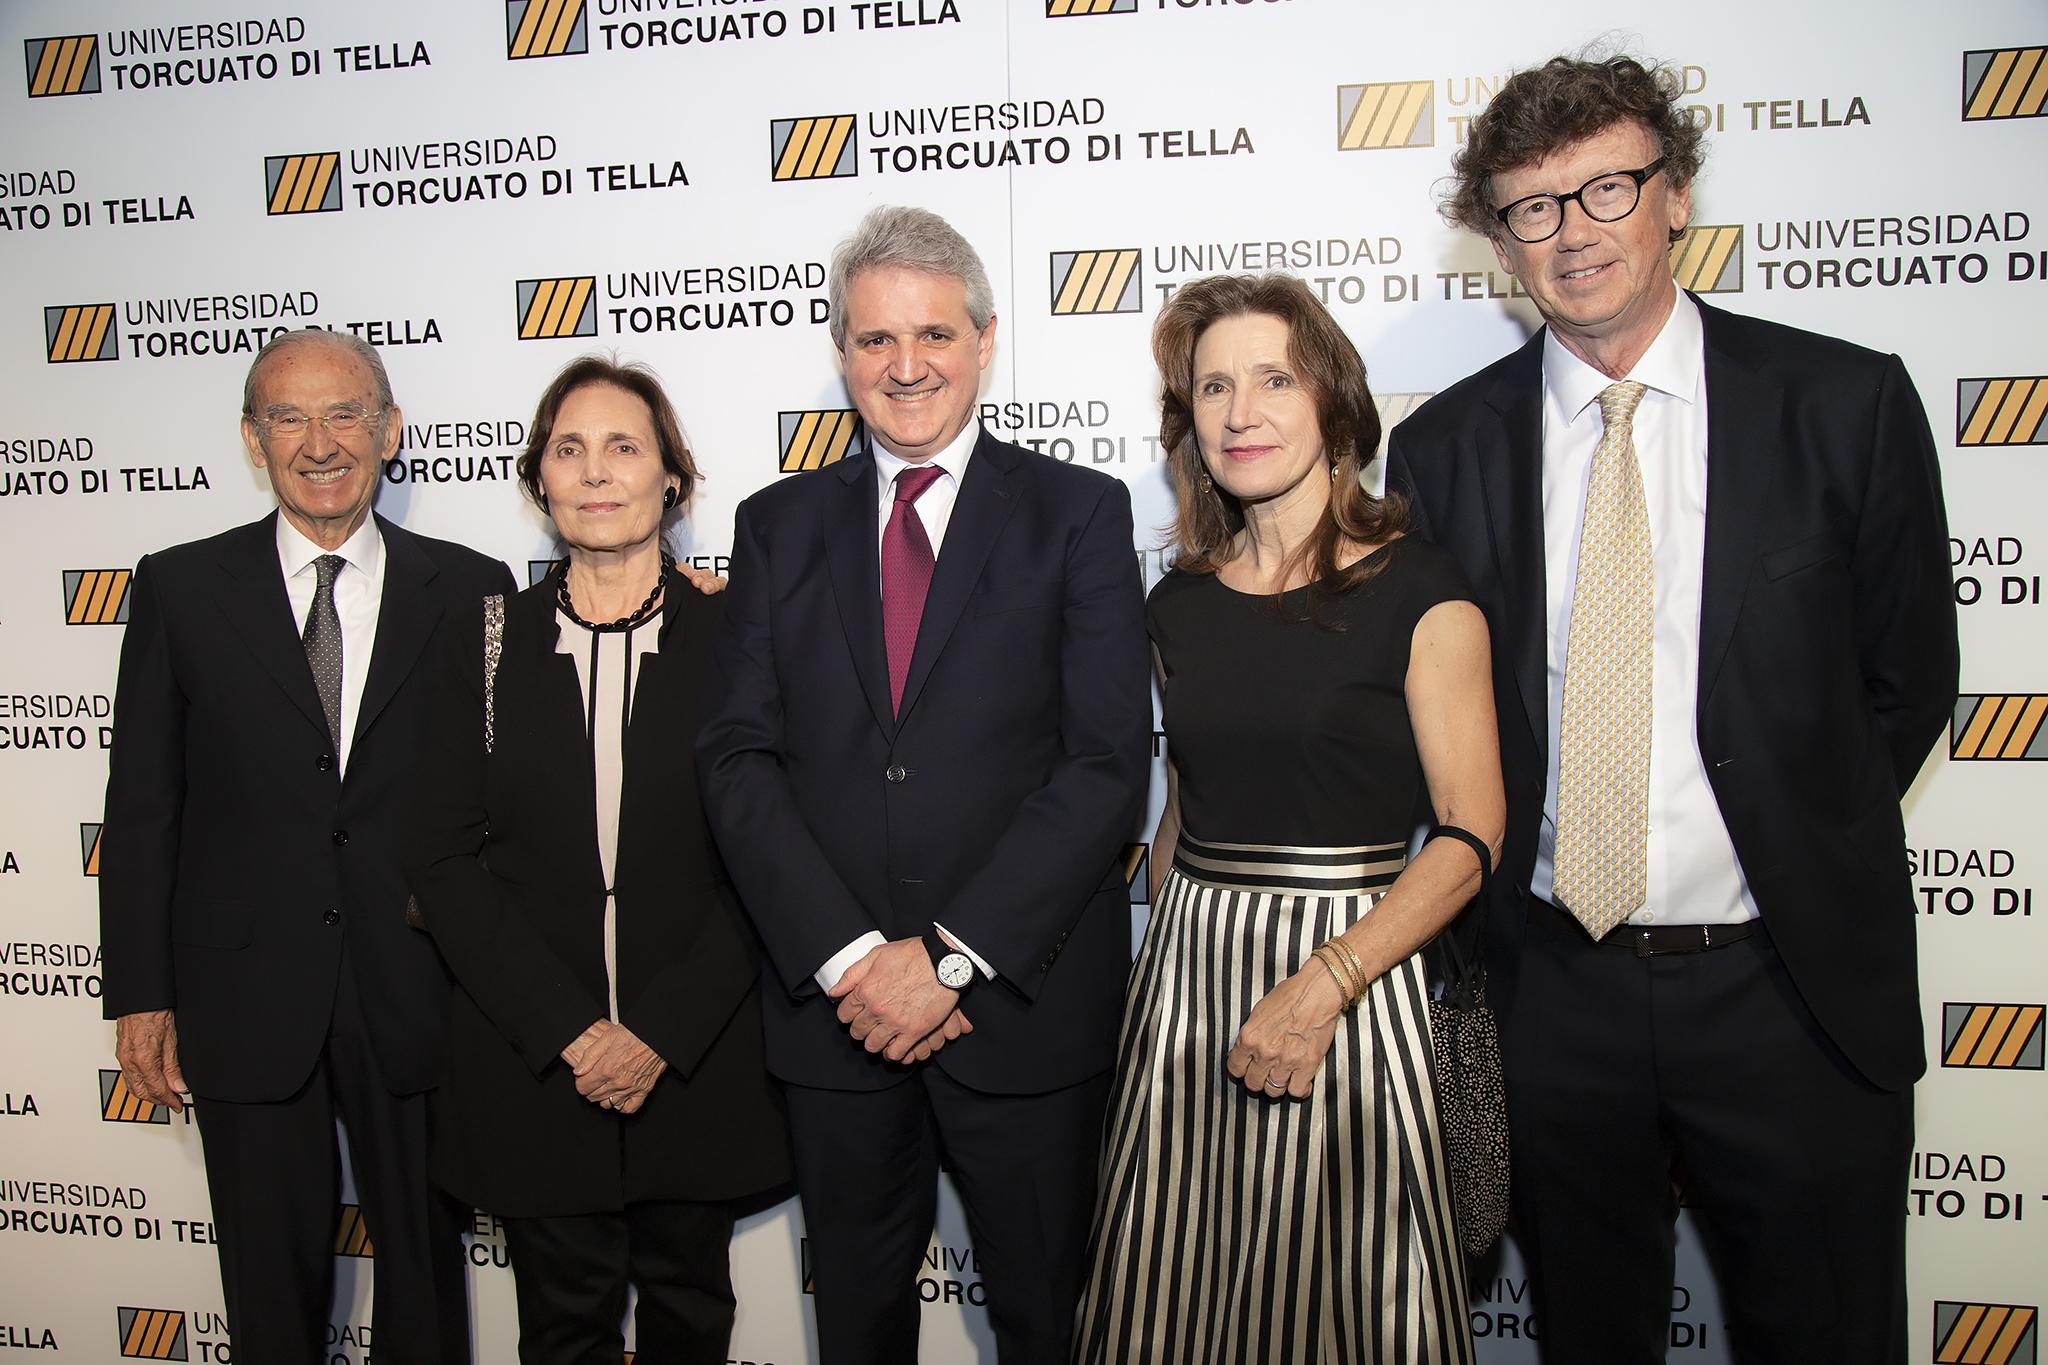 Nicolás Catena y su mujer, Elena Maza, junto a Juan José Cruces, Guillermo Viegener y su mujer